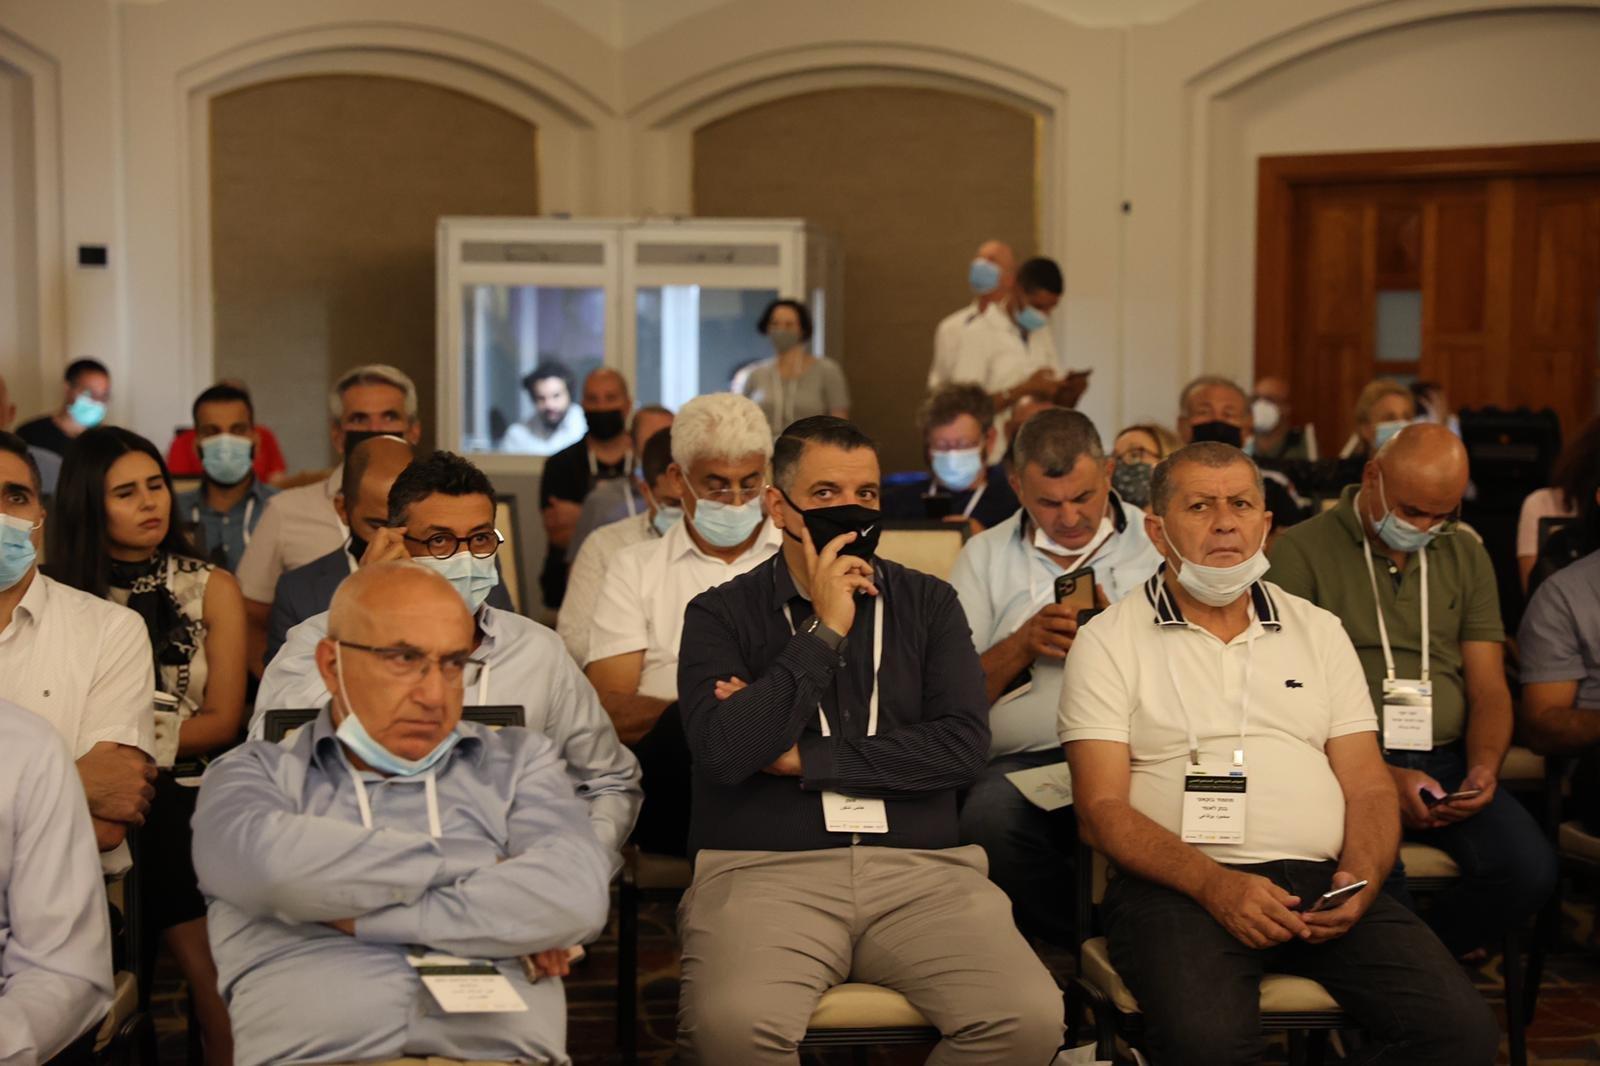 مشاركة كبيرة ومحاضرات هامة في المؤتمر الاقتصادي للمجتمع العربي بالناصرة-16